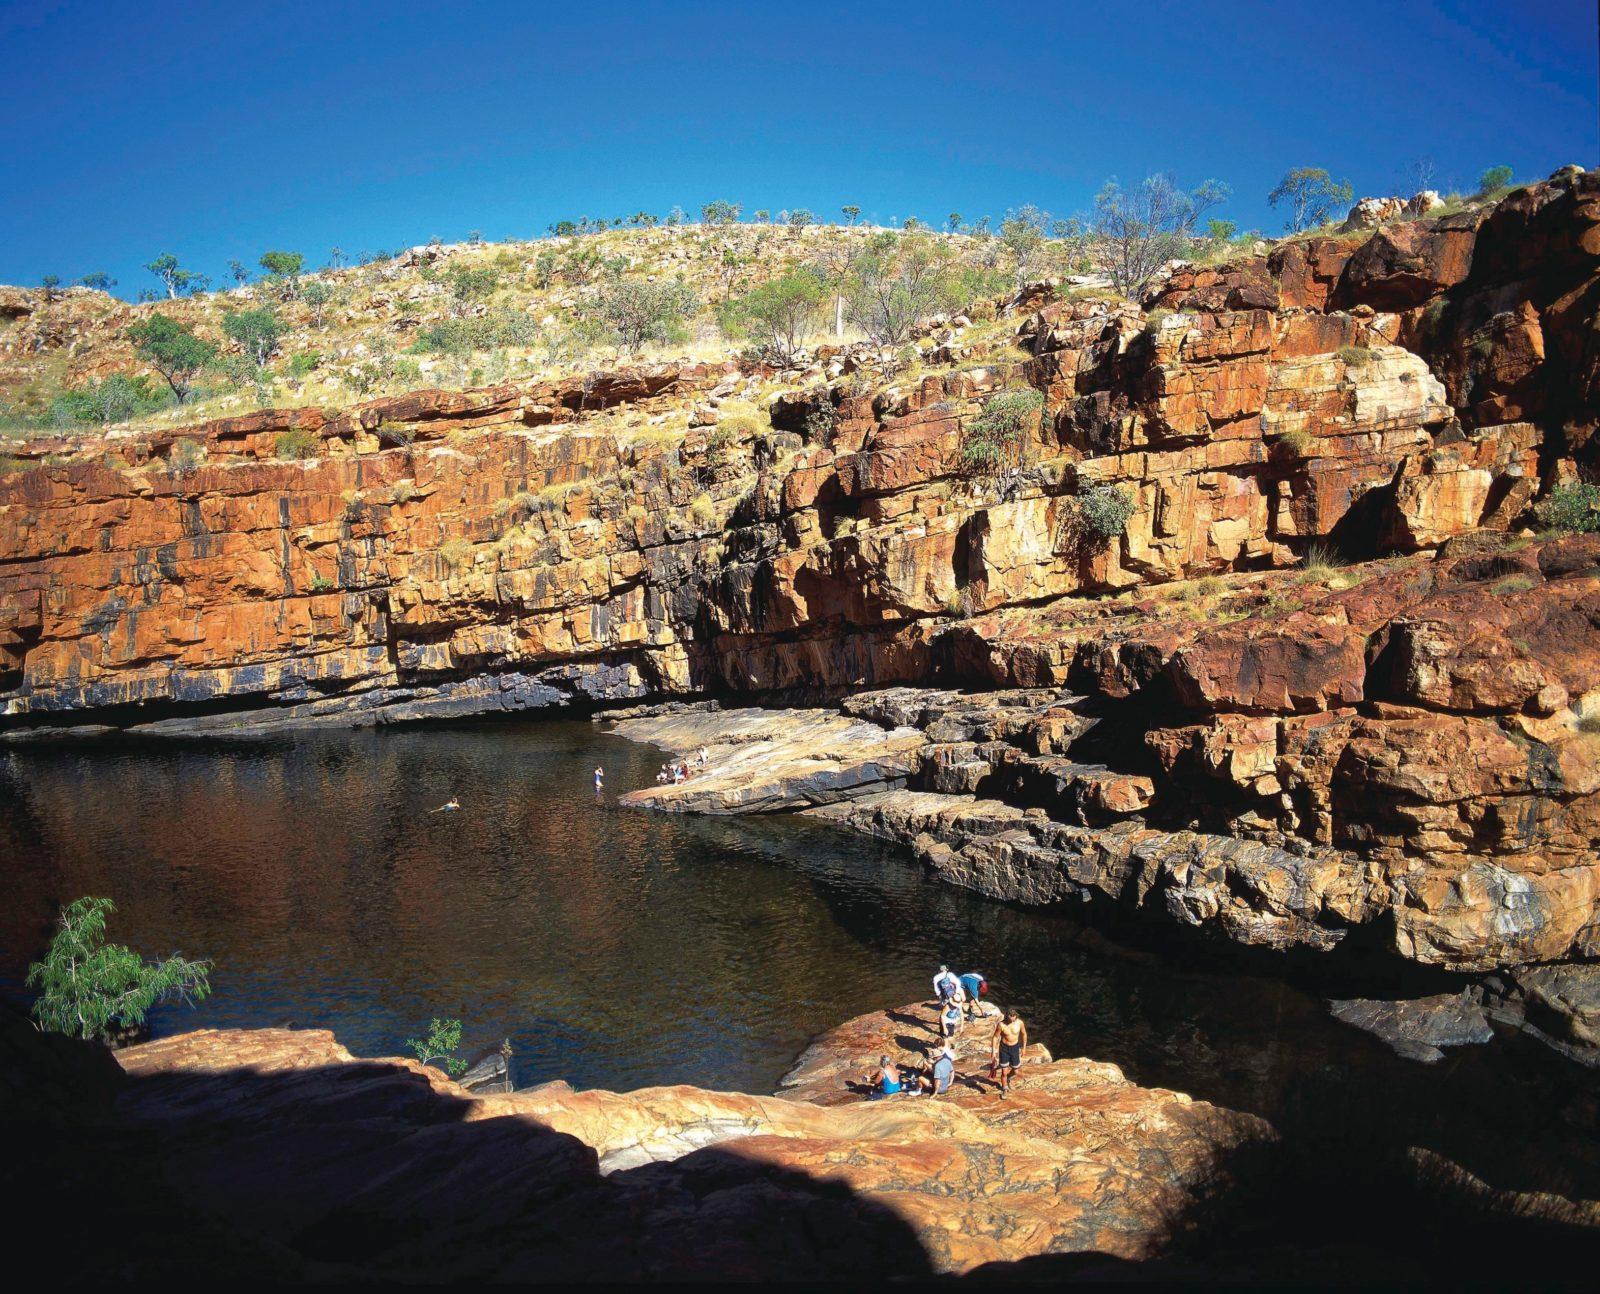 King Leopold Range Conservation Park, Western Australia